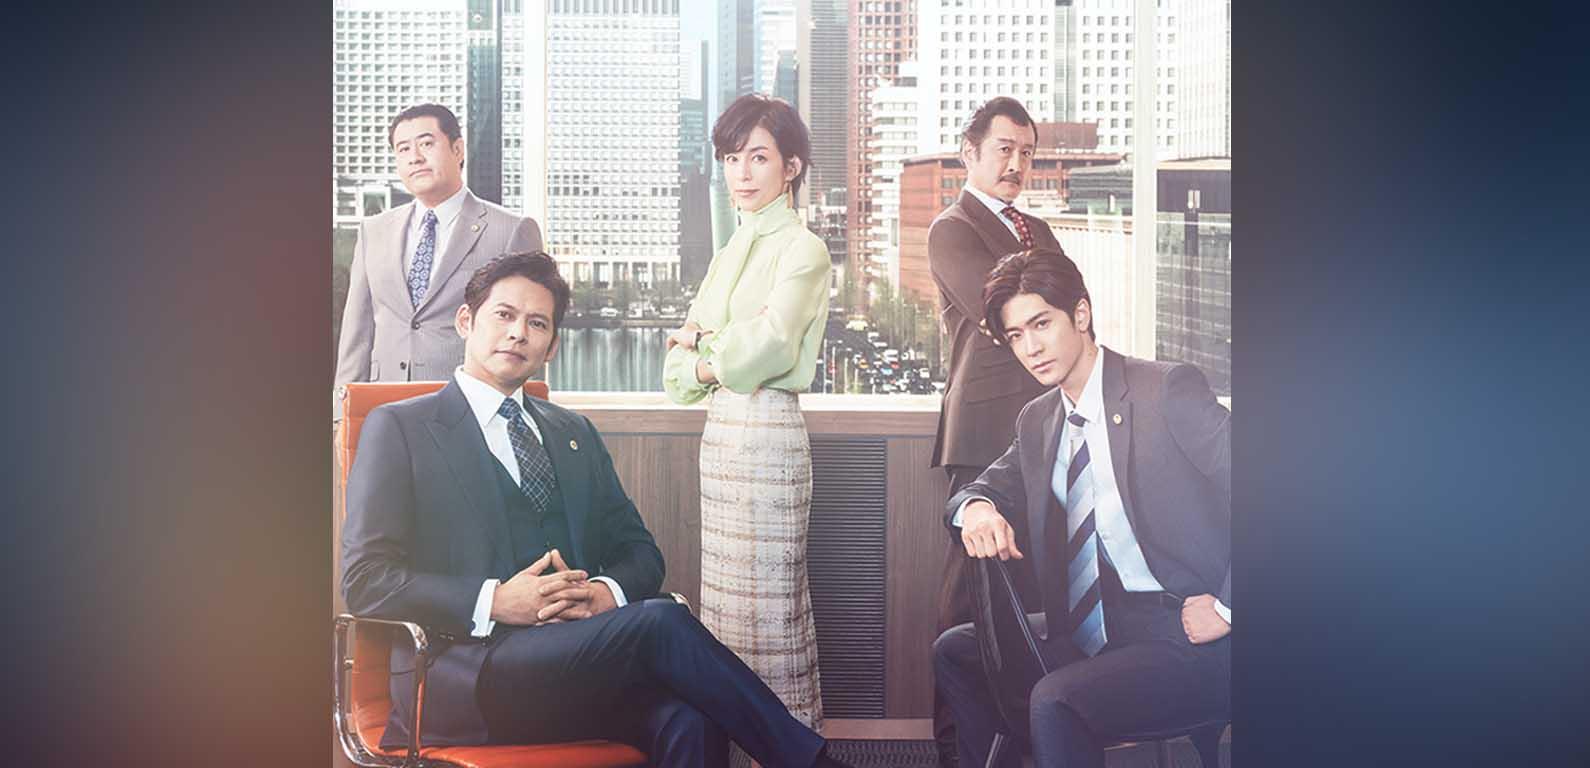 ドラマ『SUITS/スーツ Season2』のあらすじ・名セリフ・名言集